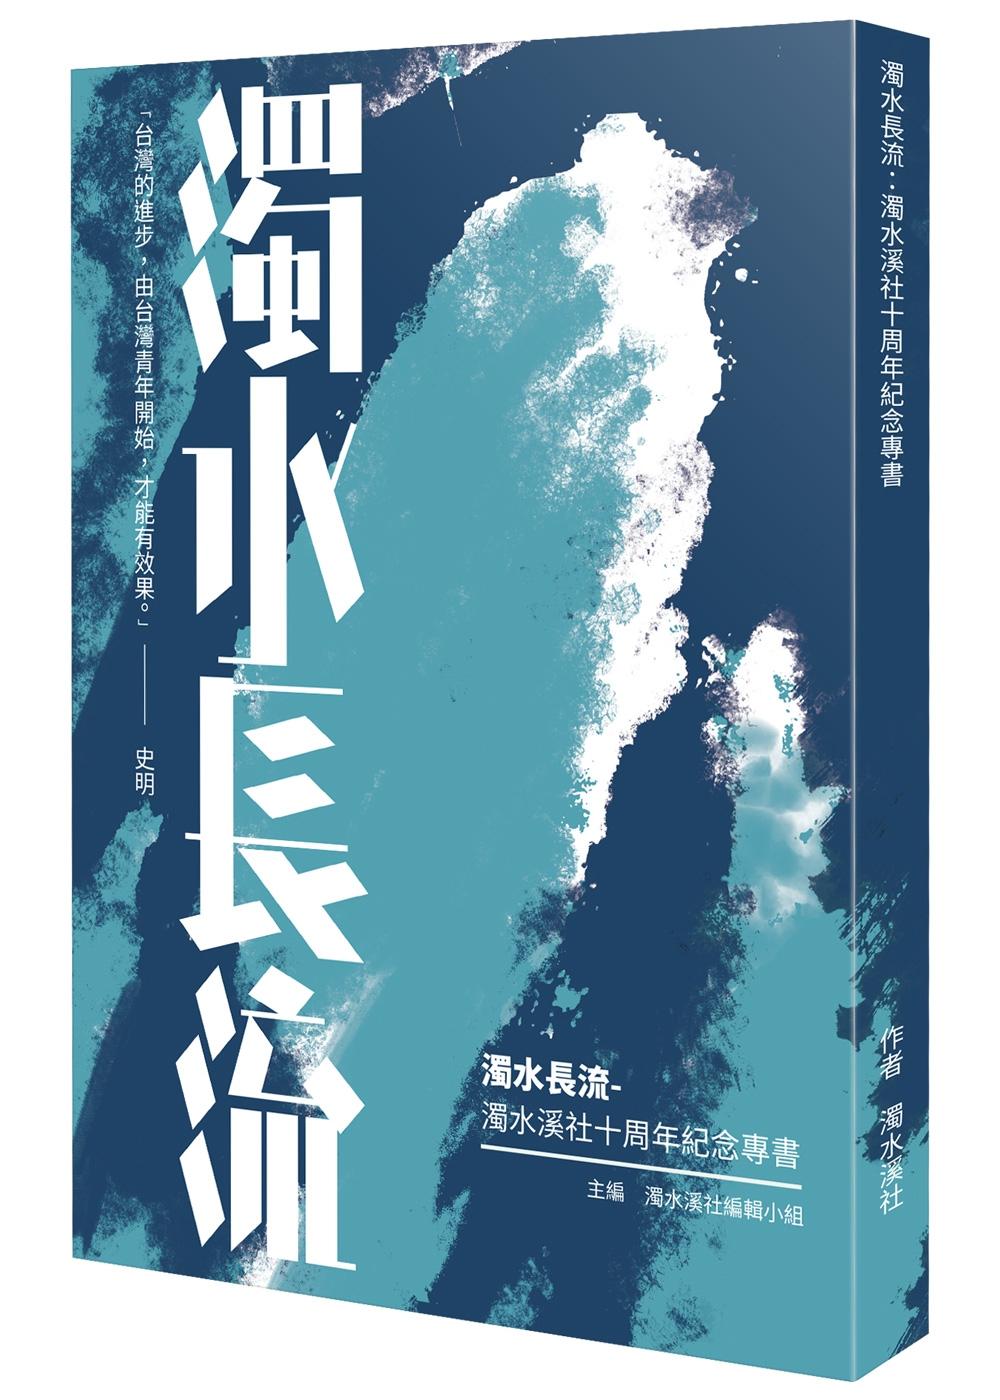 濁水長流:濁水溪社十週年紀念專書